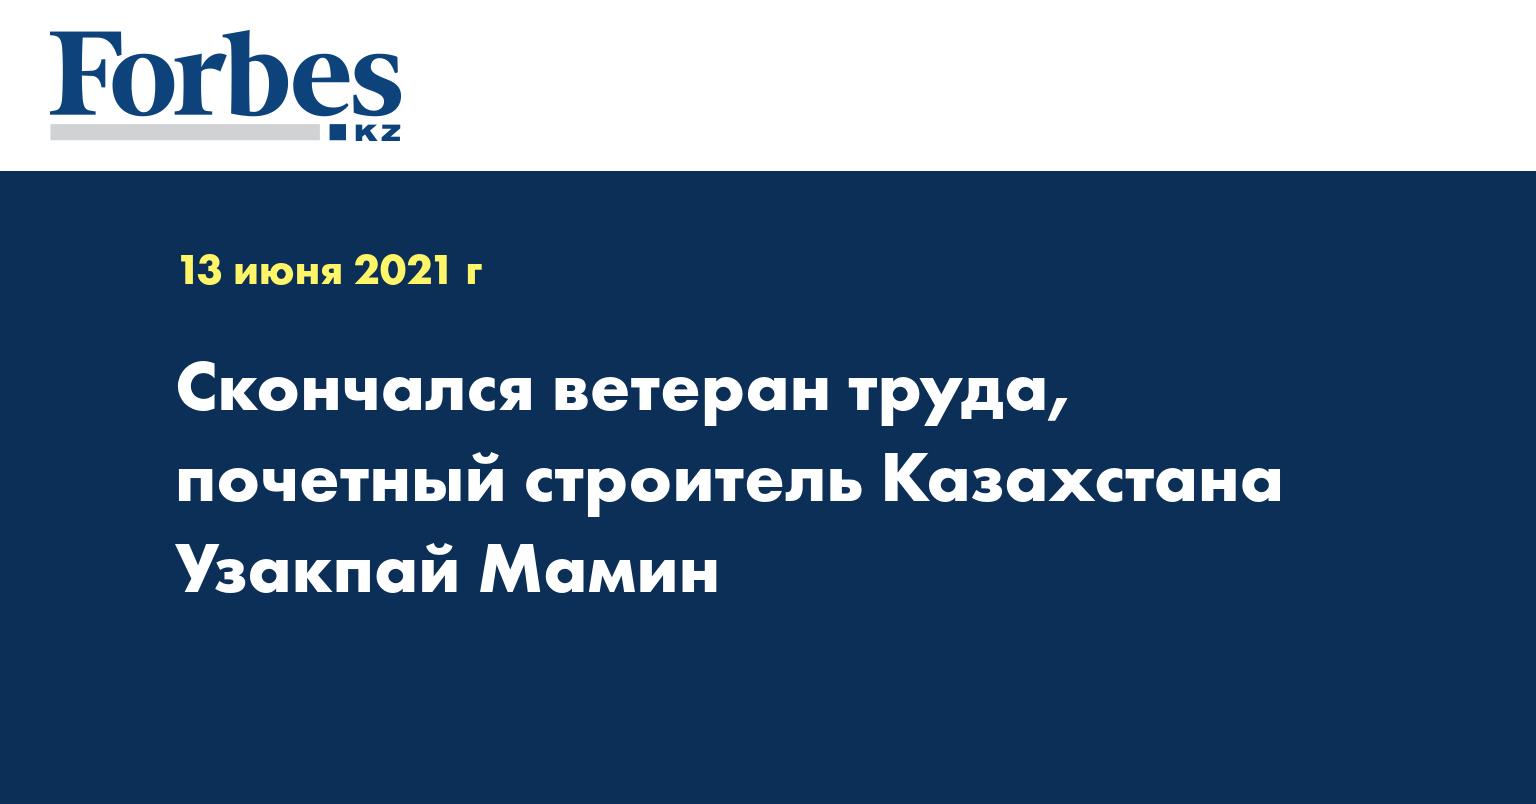 Скончался ветеран труда, почетный строитель Казахстана Узакпай Мамин